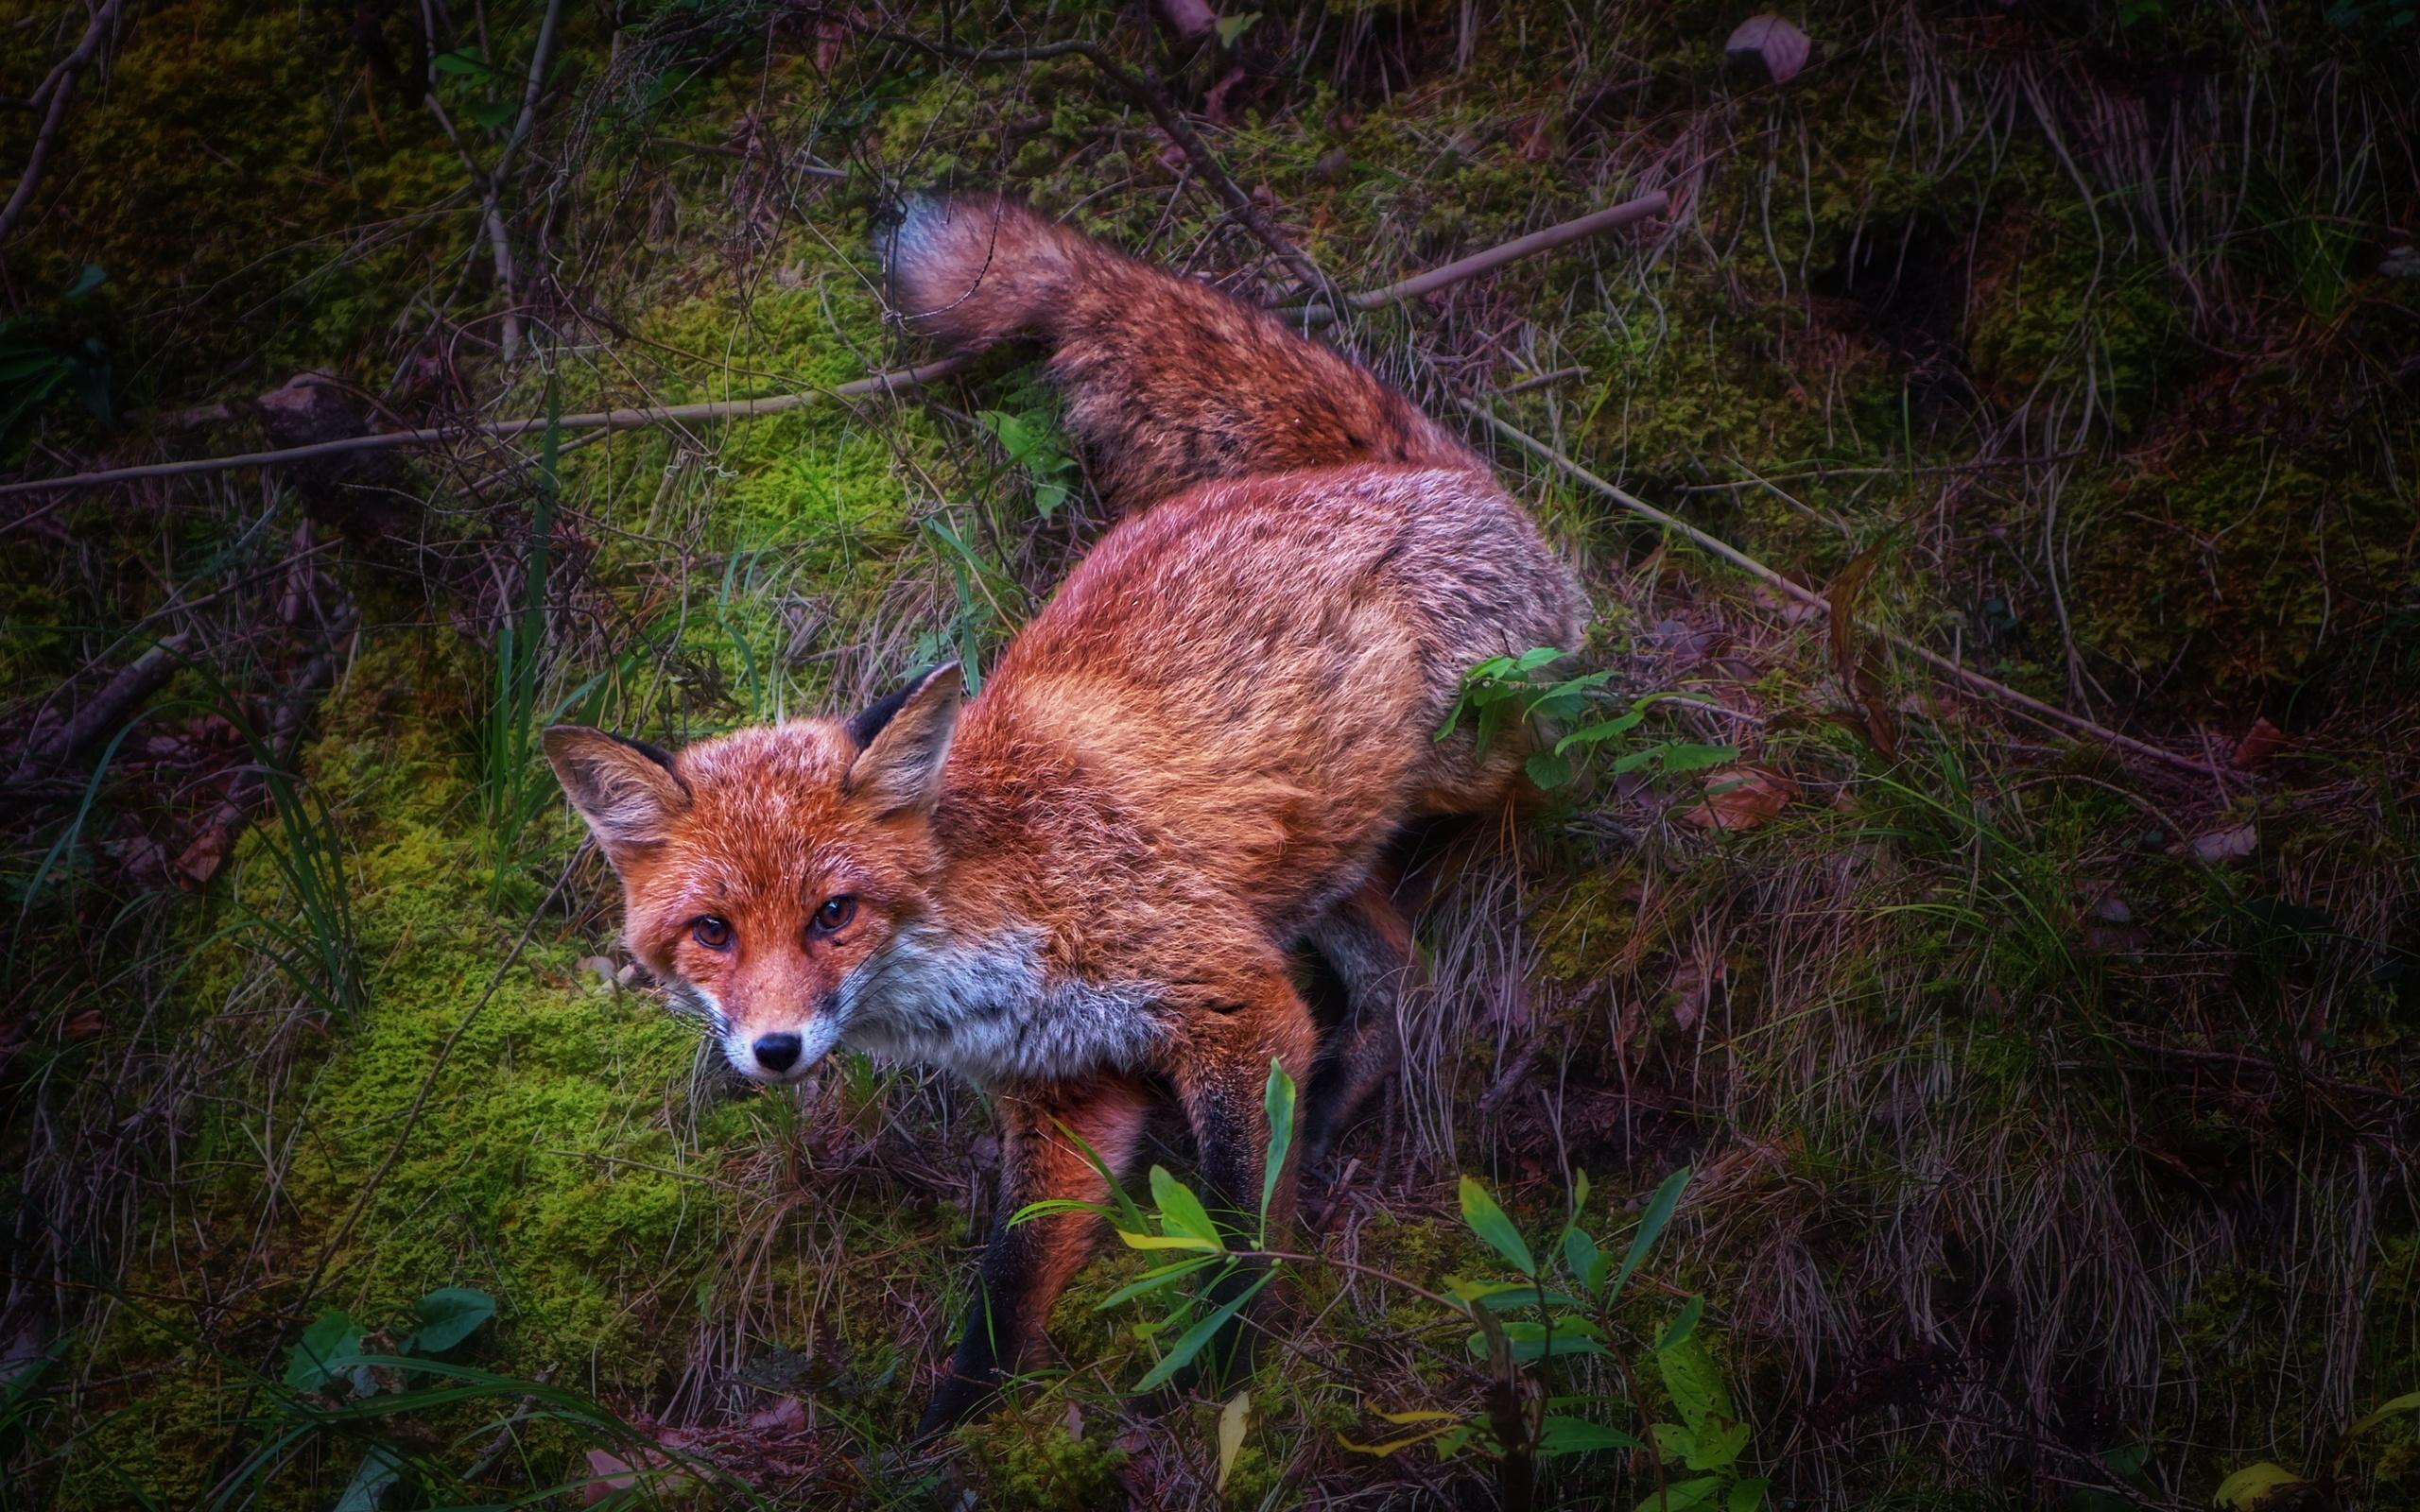 природа, трава, ветки, листья, животное, лиса, лисица